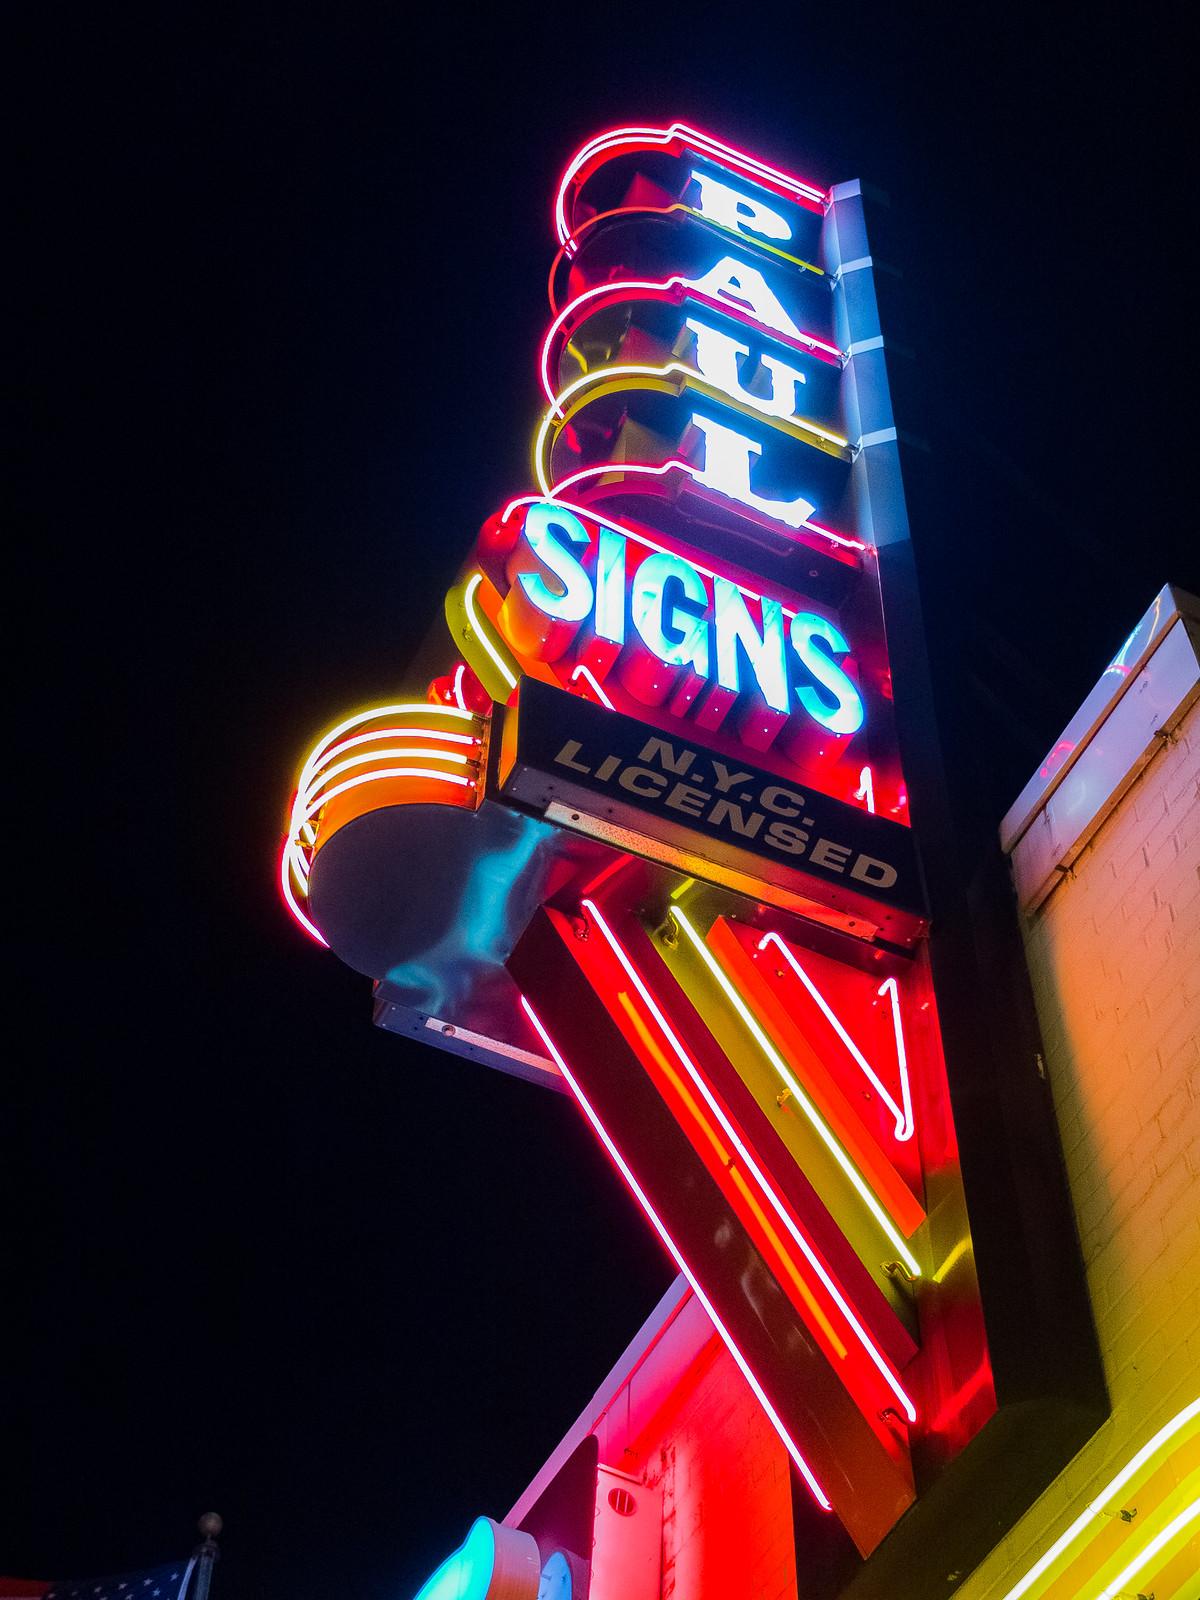 Paul Signs by wwward0